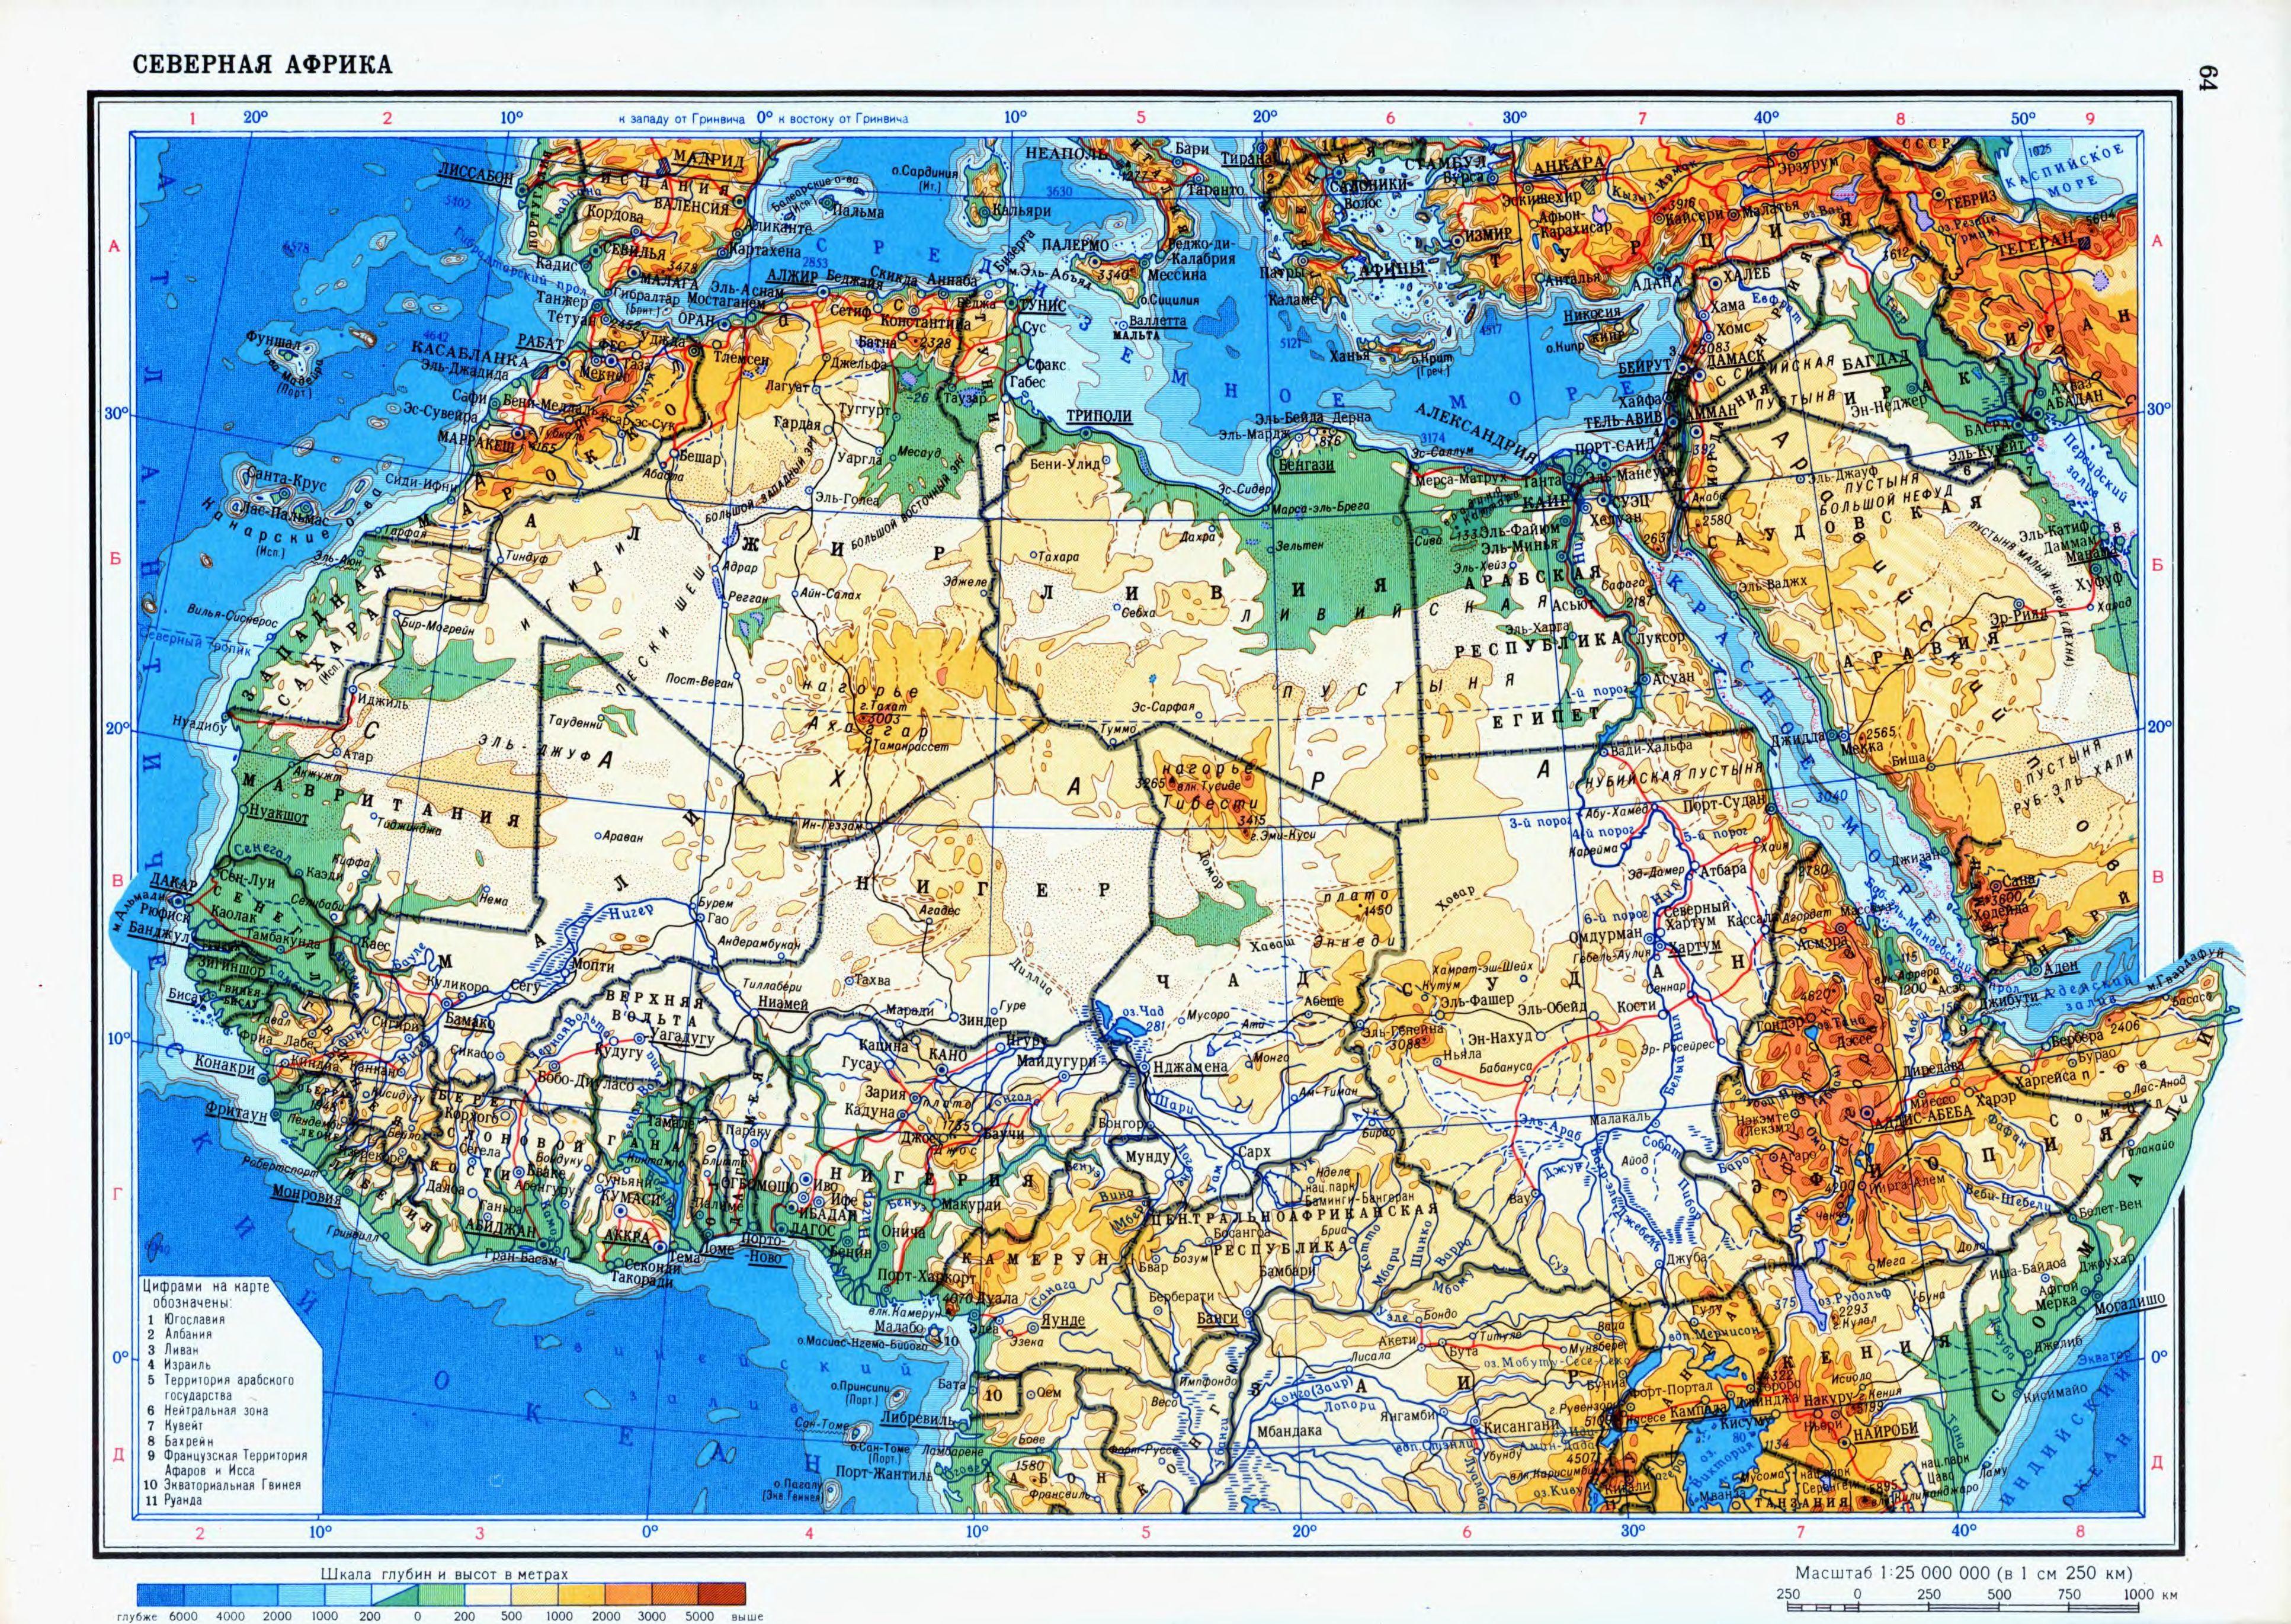 Fizicheskaya Karta Severnoj Afriki Uchebnyj Atlas Mira 1974 S